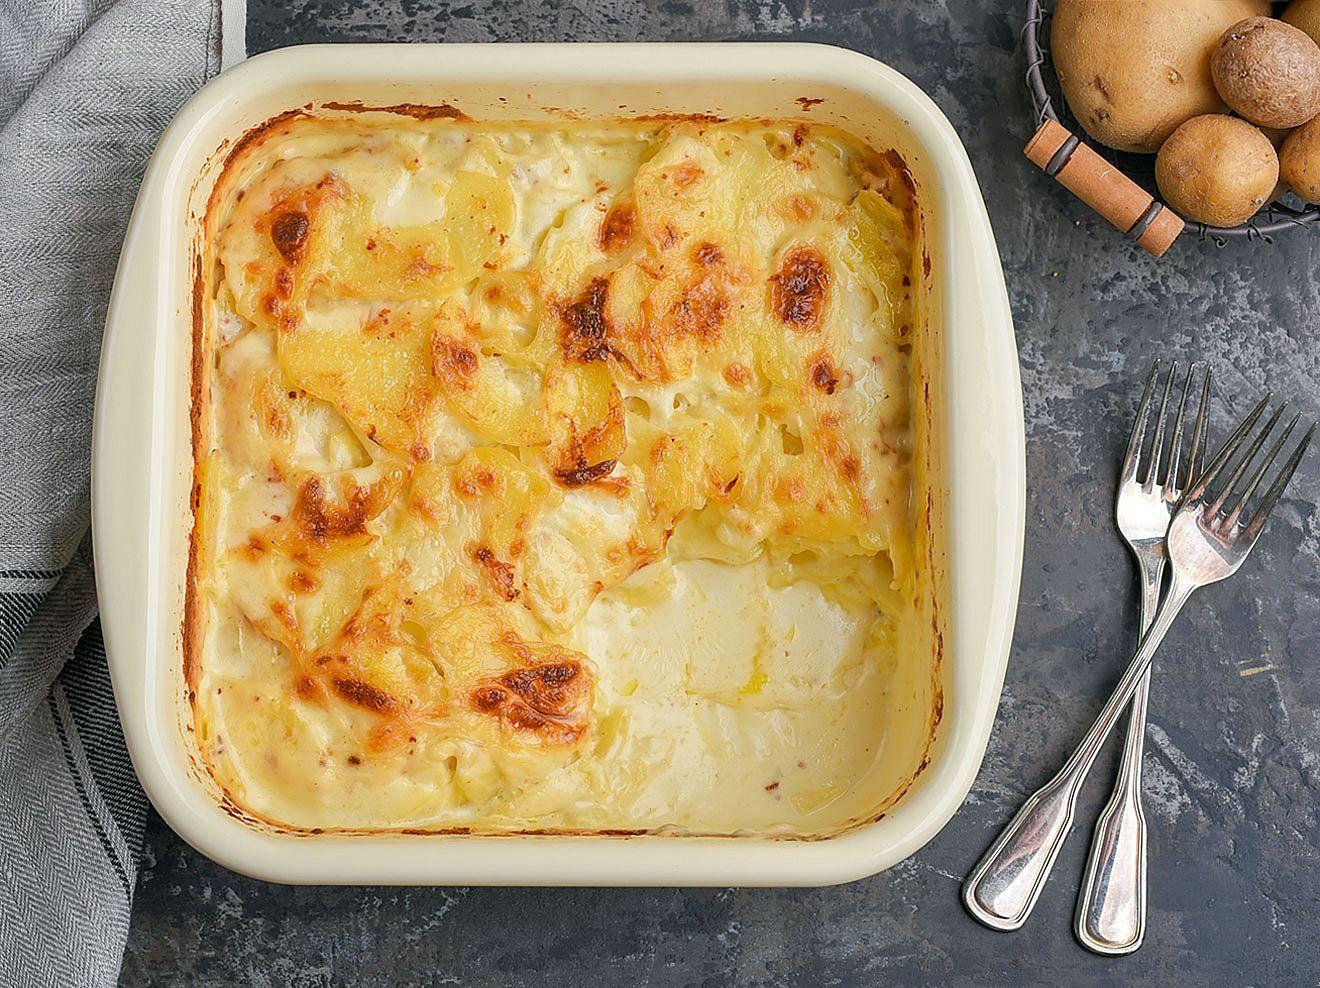 Kartoffelgratin-Rezept: So wird der Auflauf schön cremig